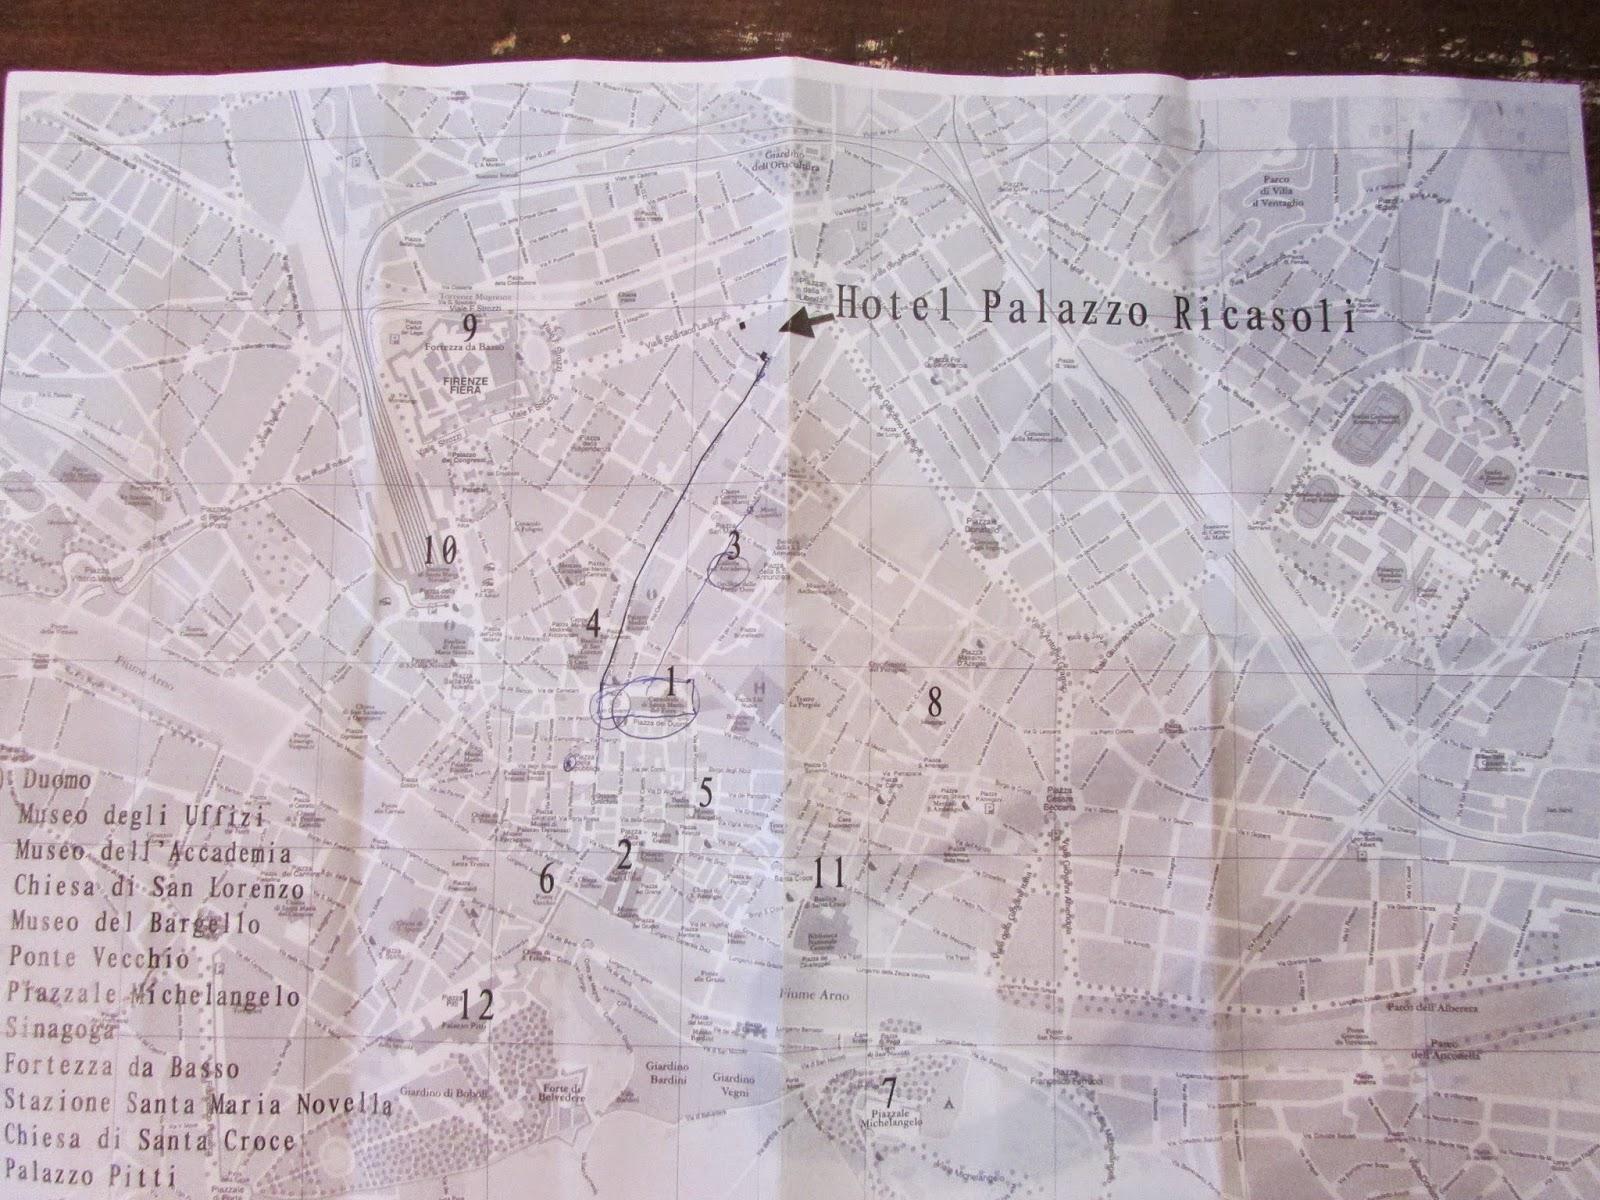 Itália, Florença, Firenze, Europa, férias, dicas, turismo